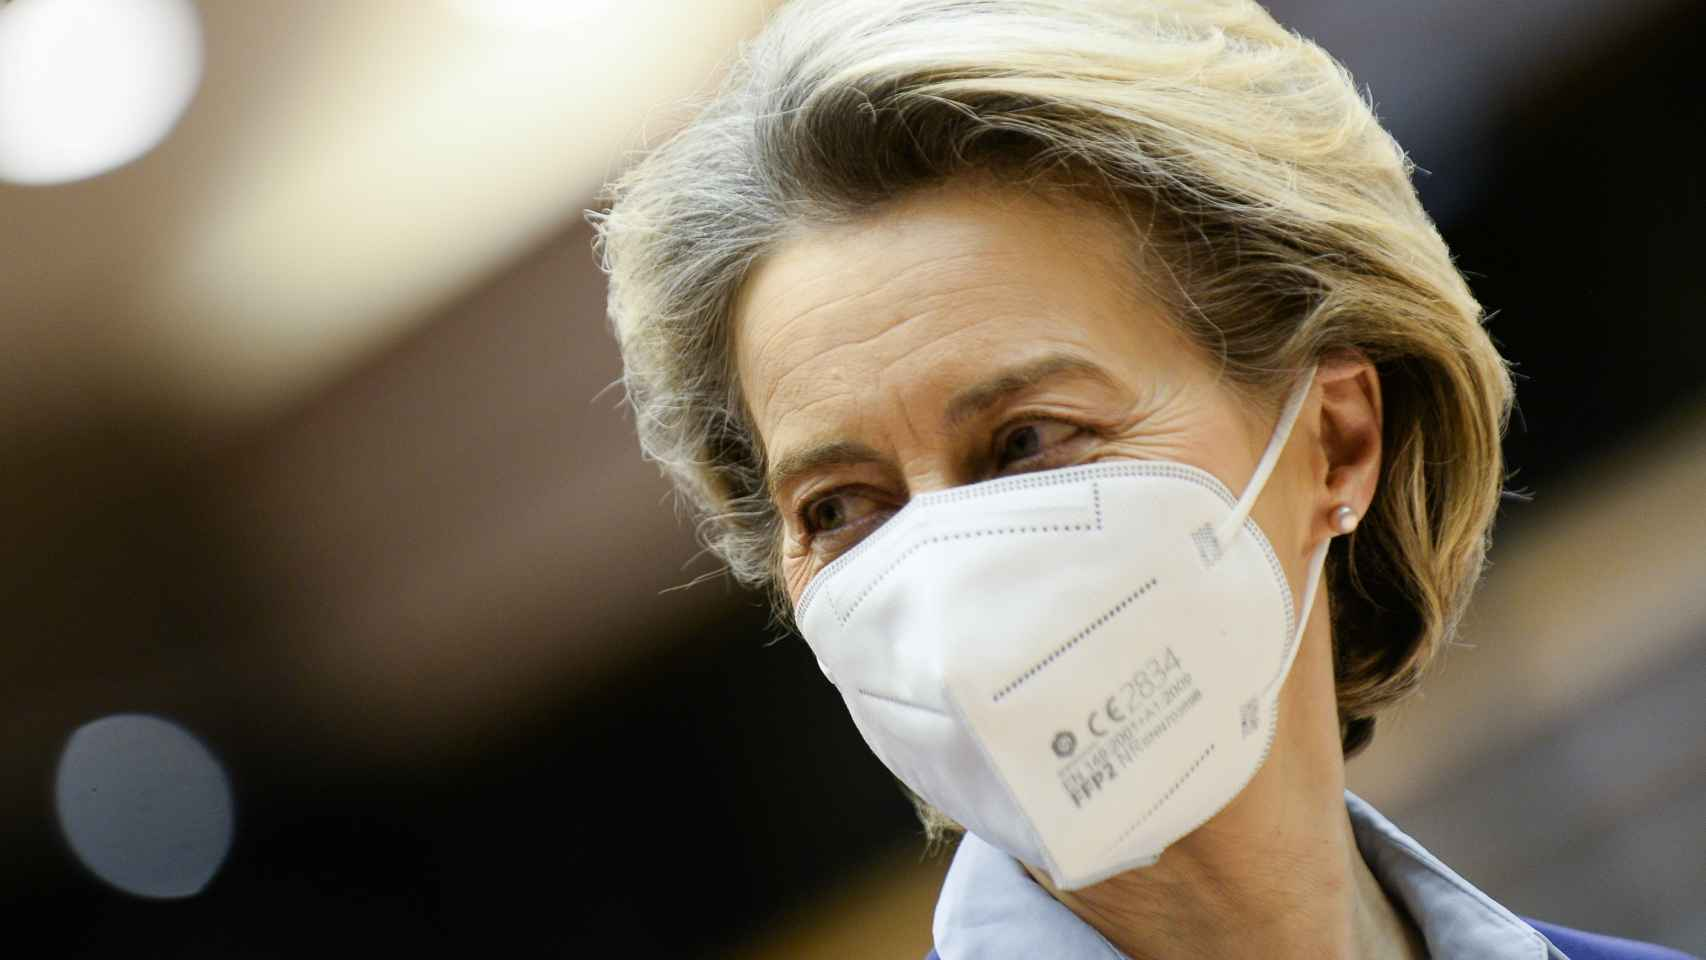 La presidenta Ursula von der Leyen, durante su comparecencia en la Eurocámara este miércoles